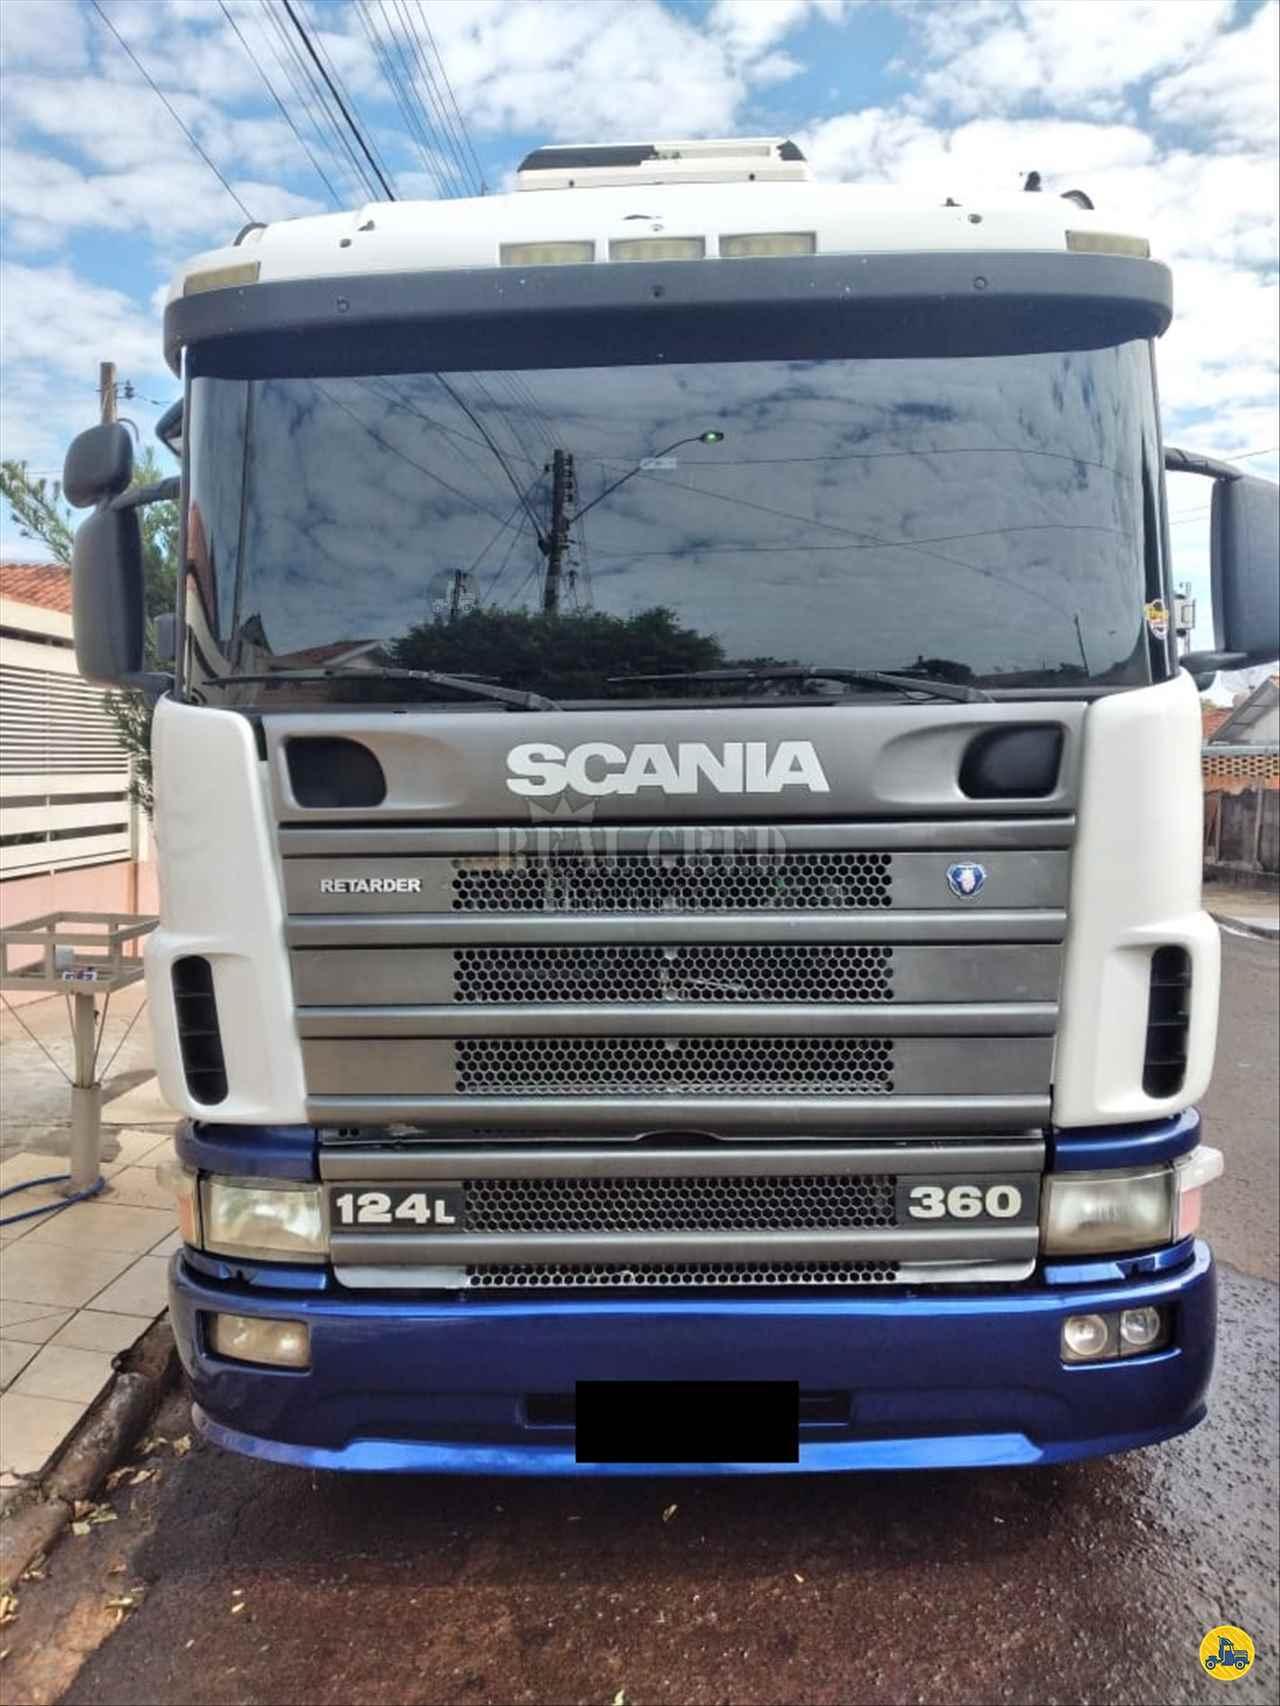 CAMINHAO SCANIA SCANIA 124 360 Cavalo Mecânico Truck 6x2 Real Cred Caminhões PIEDADE SÃO PAULO SP